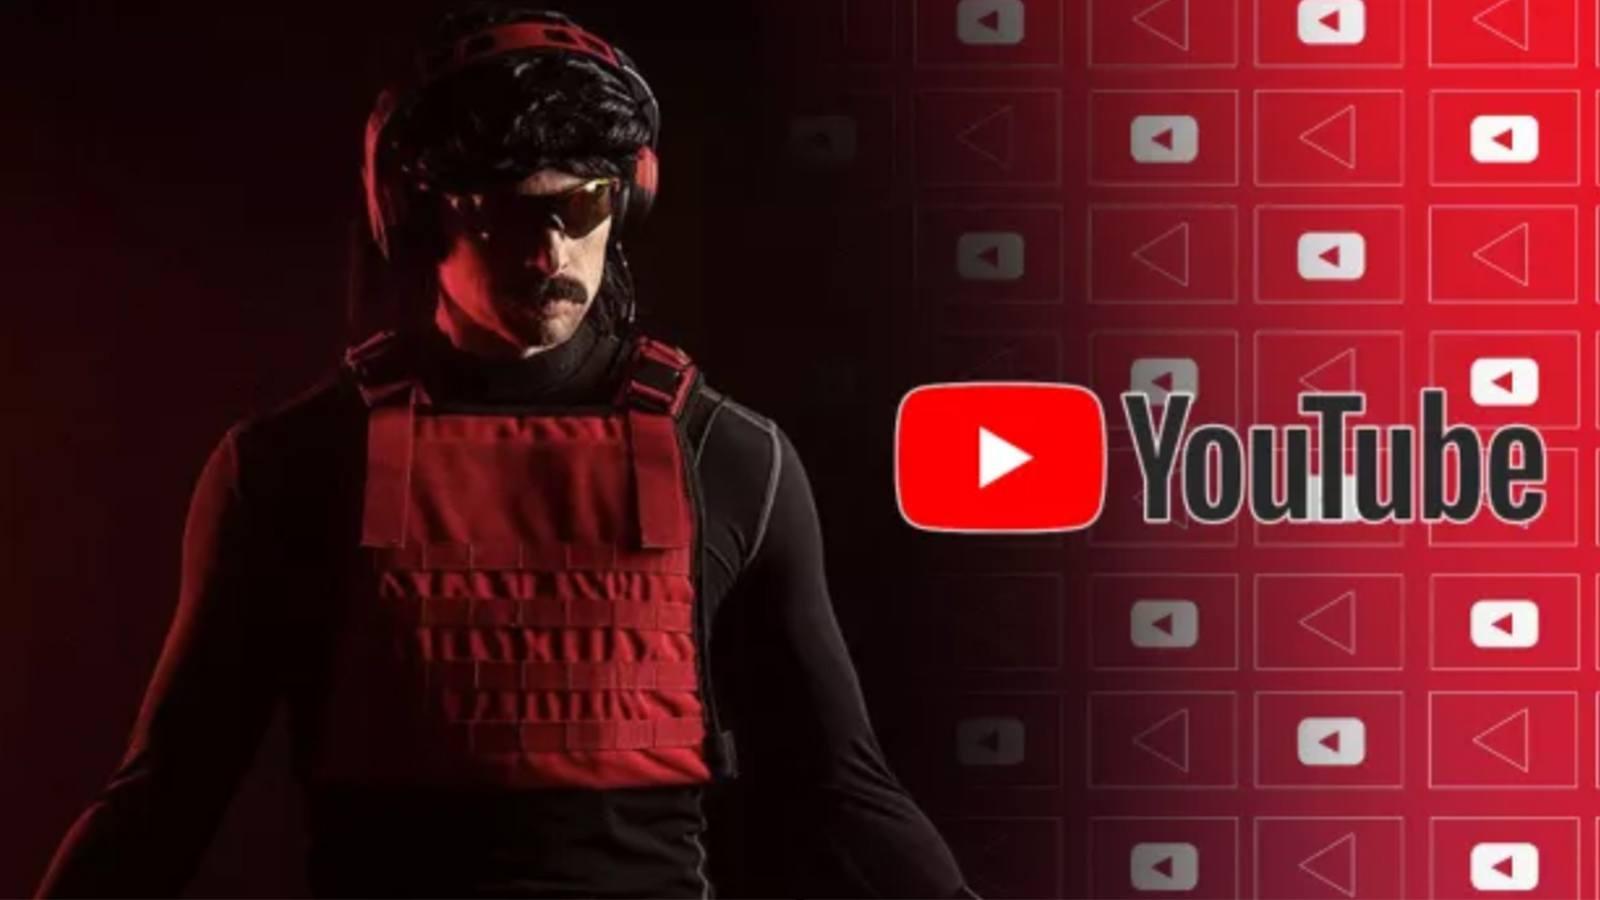 Dr Disrespect va maintenant streamer sur YouTube après son ban définitif de Twitch